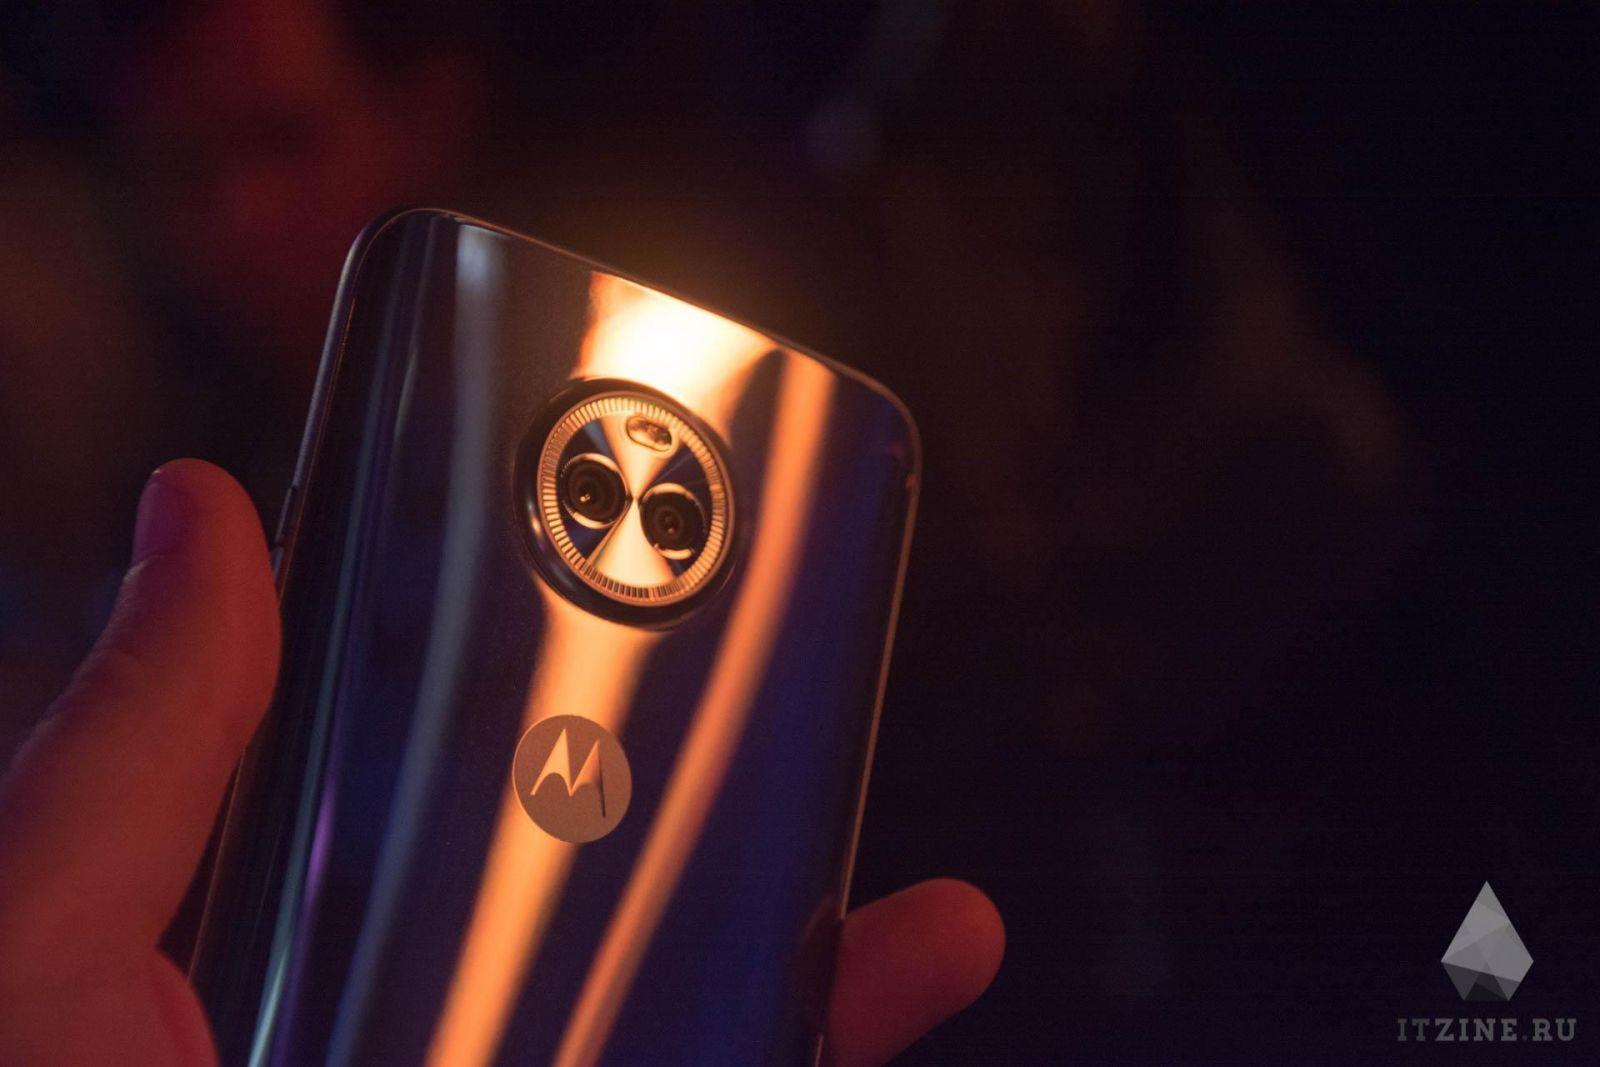 DSC 4733 - 3 лучших смартфона на IFA 2017